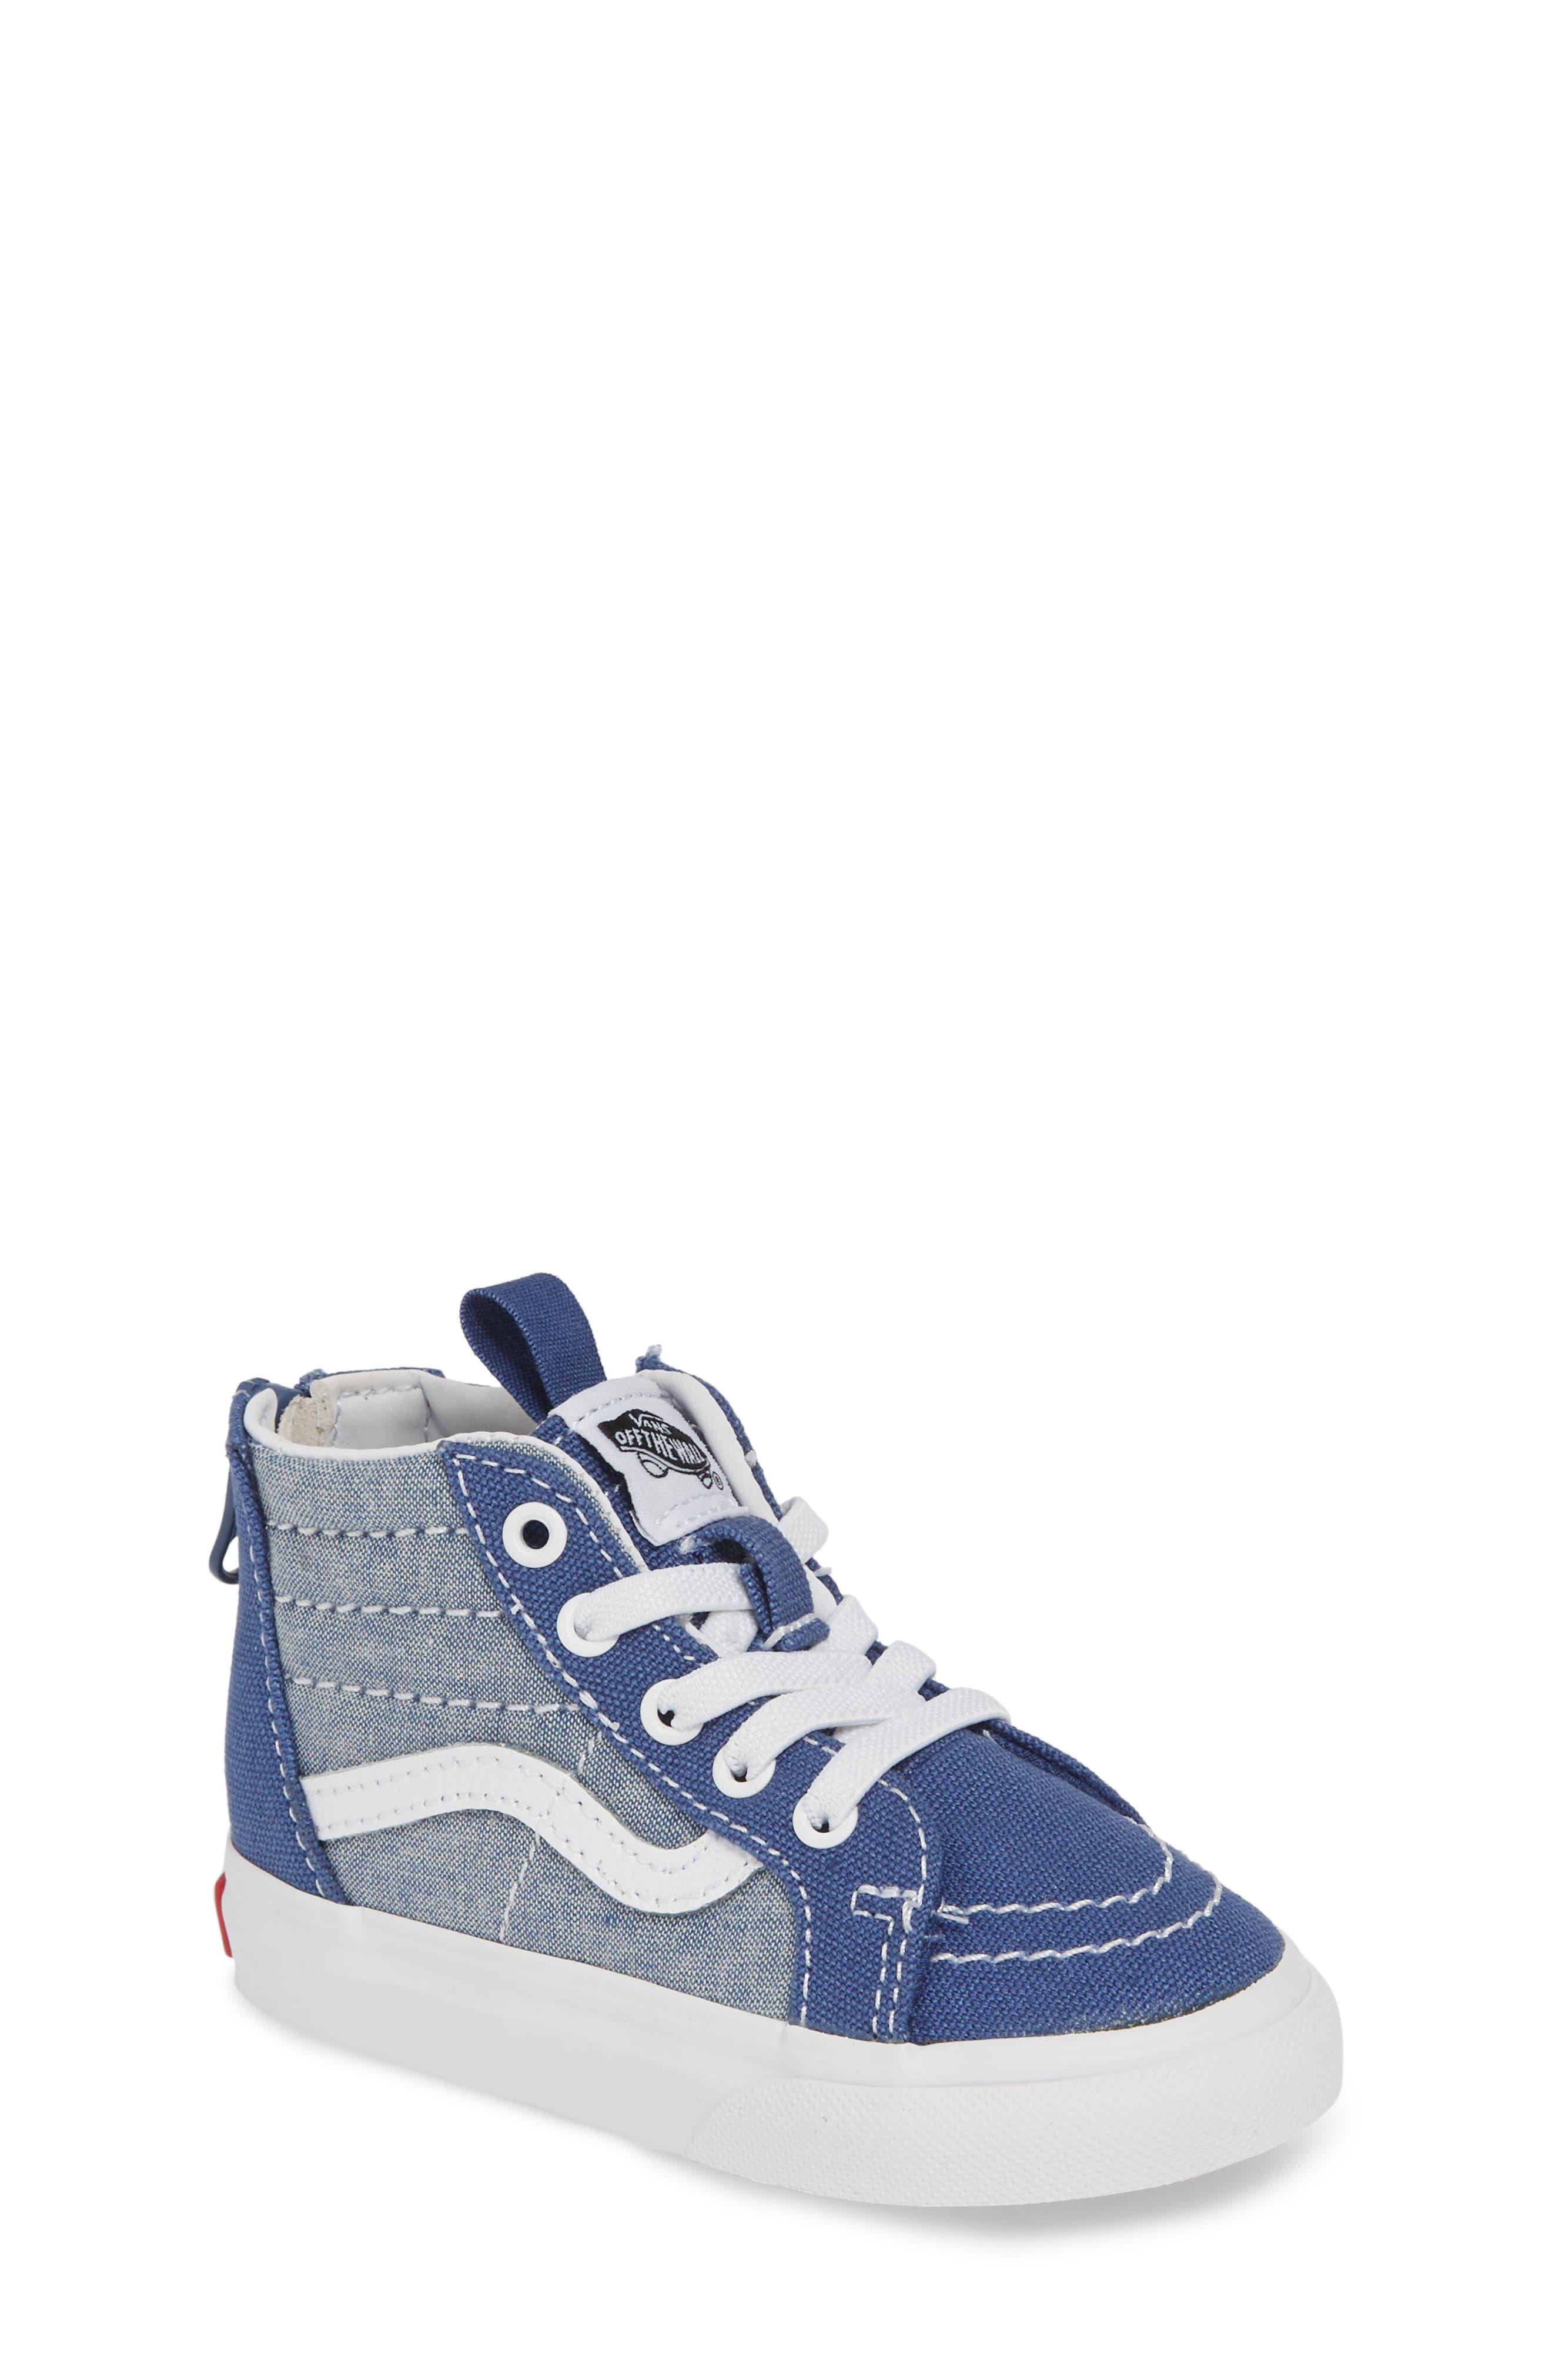 45d70623ab Big Girls  Vans Shoes (Sizes 3.5-7)